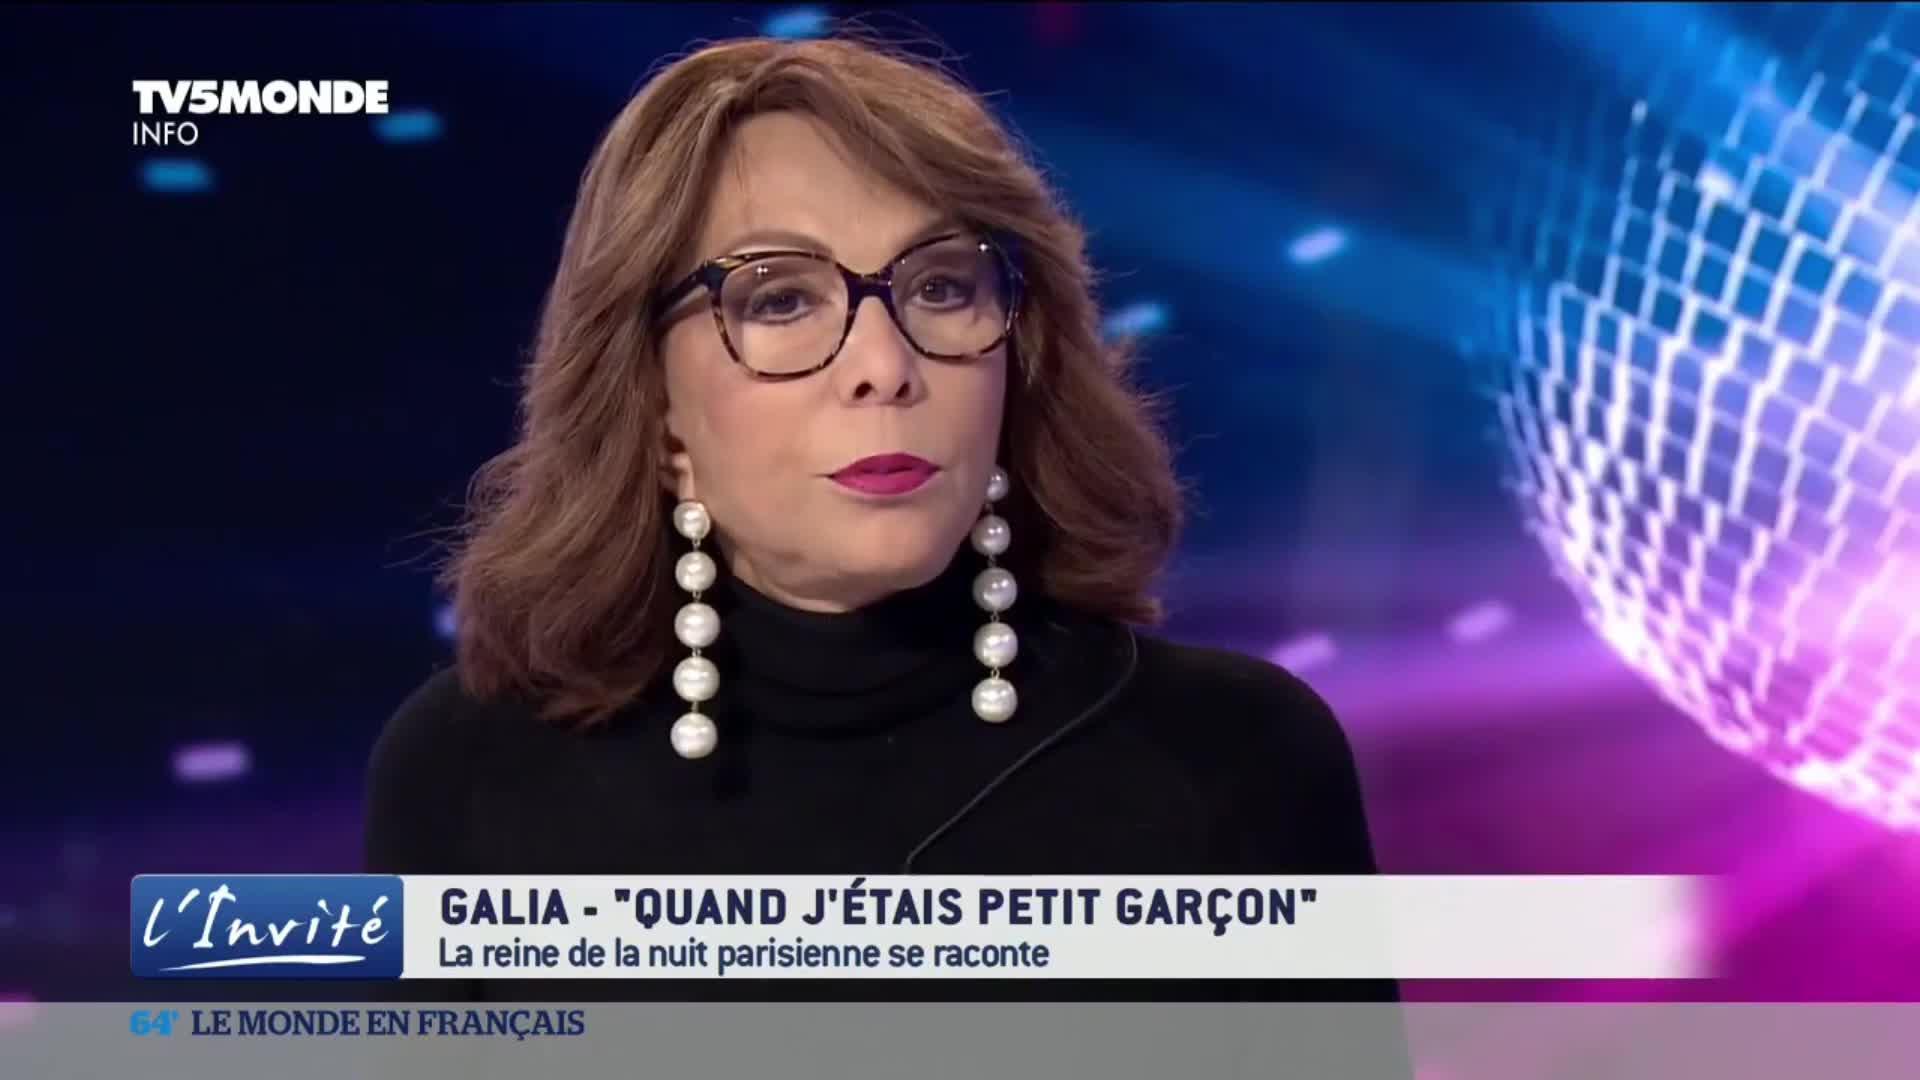 Galia, figure des nuits parisiennes, se raconte